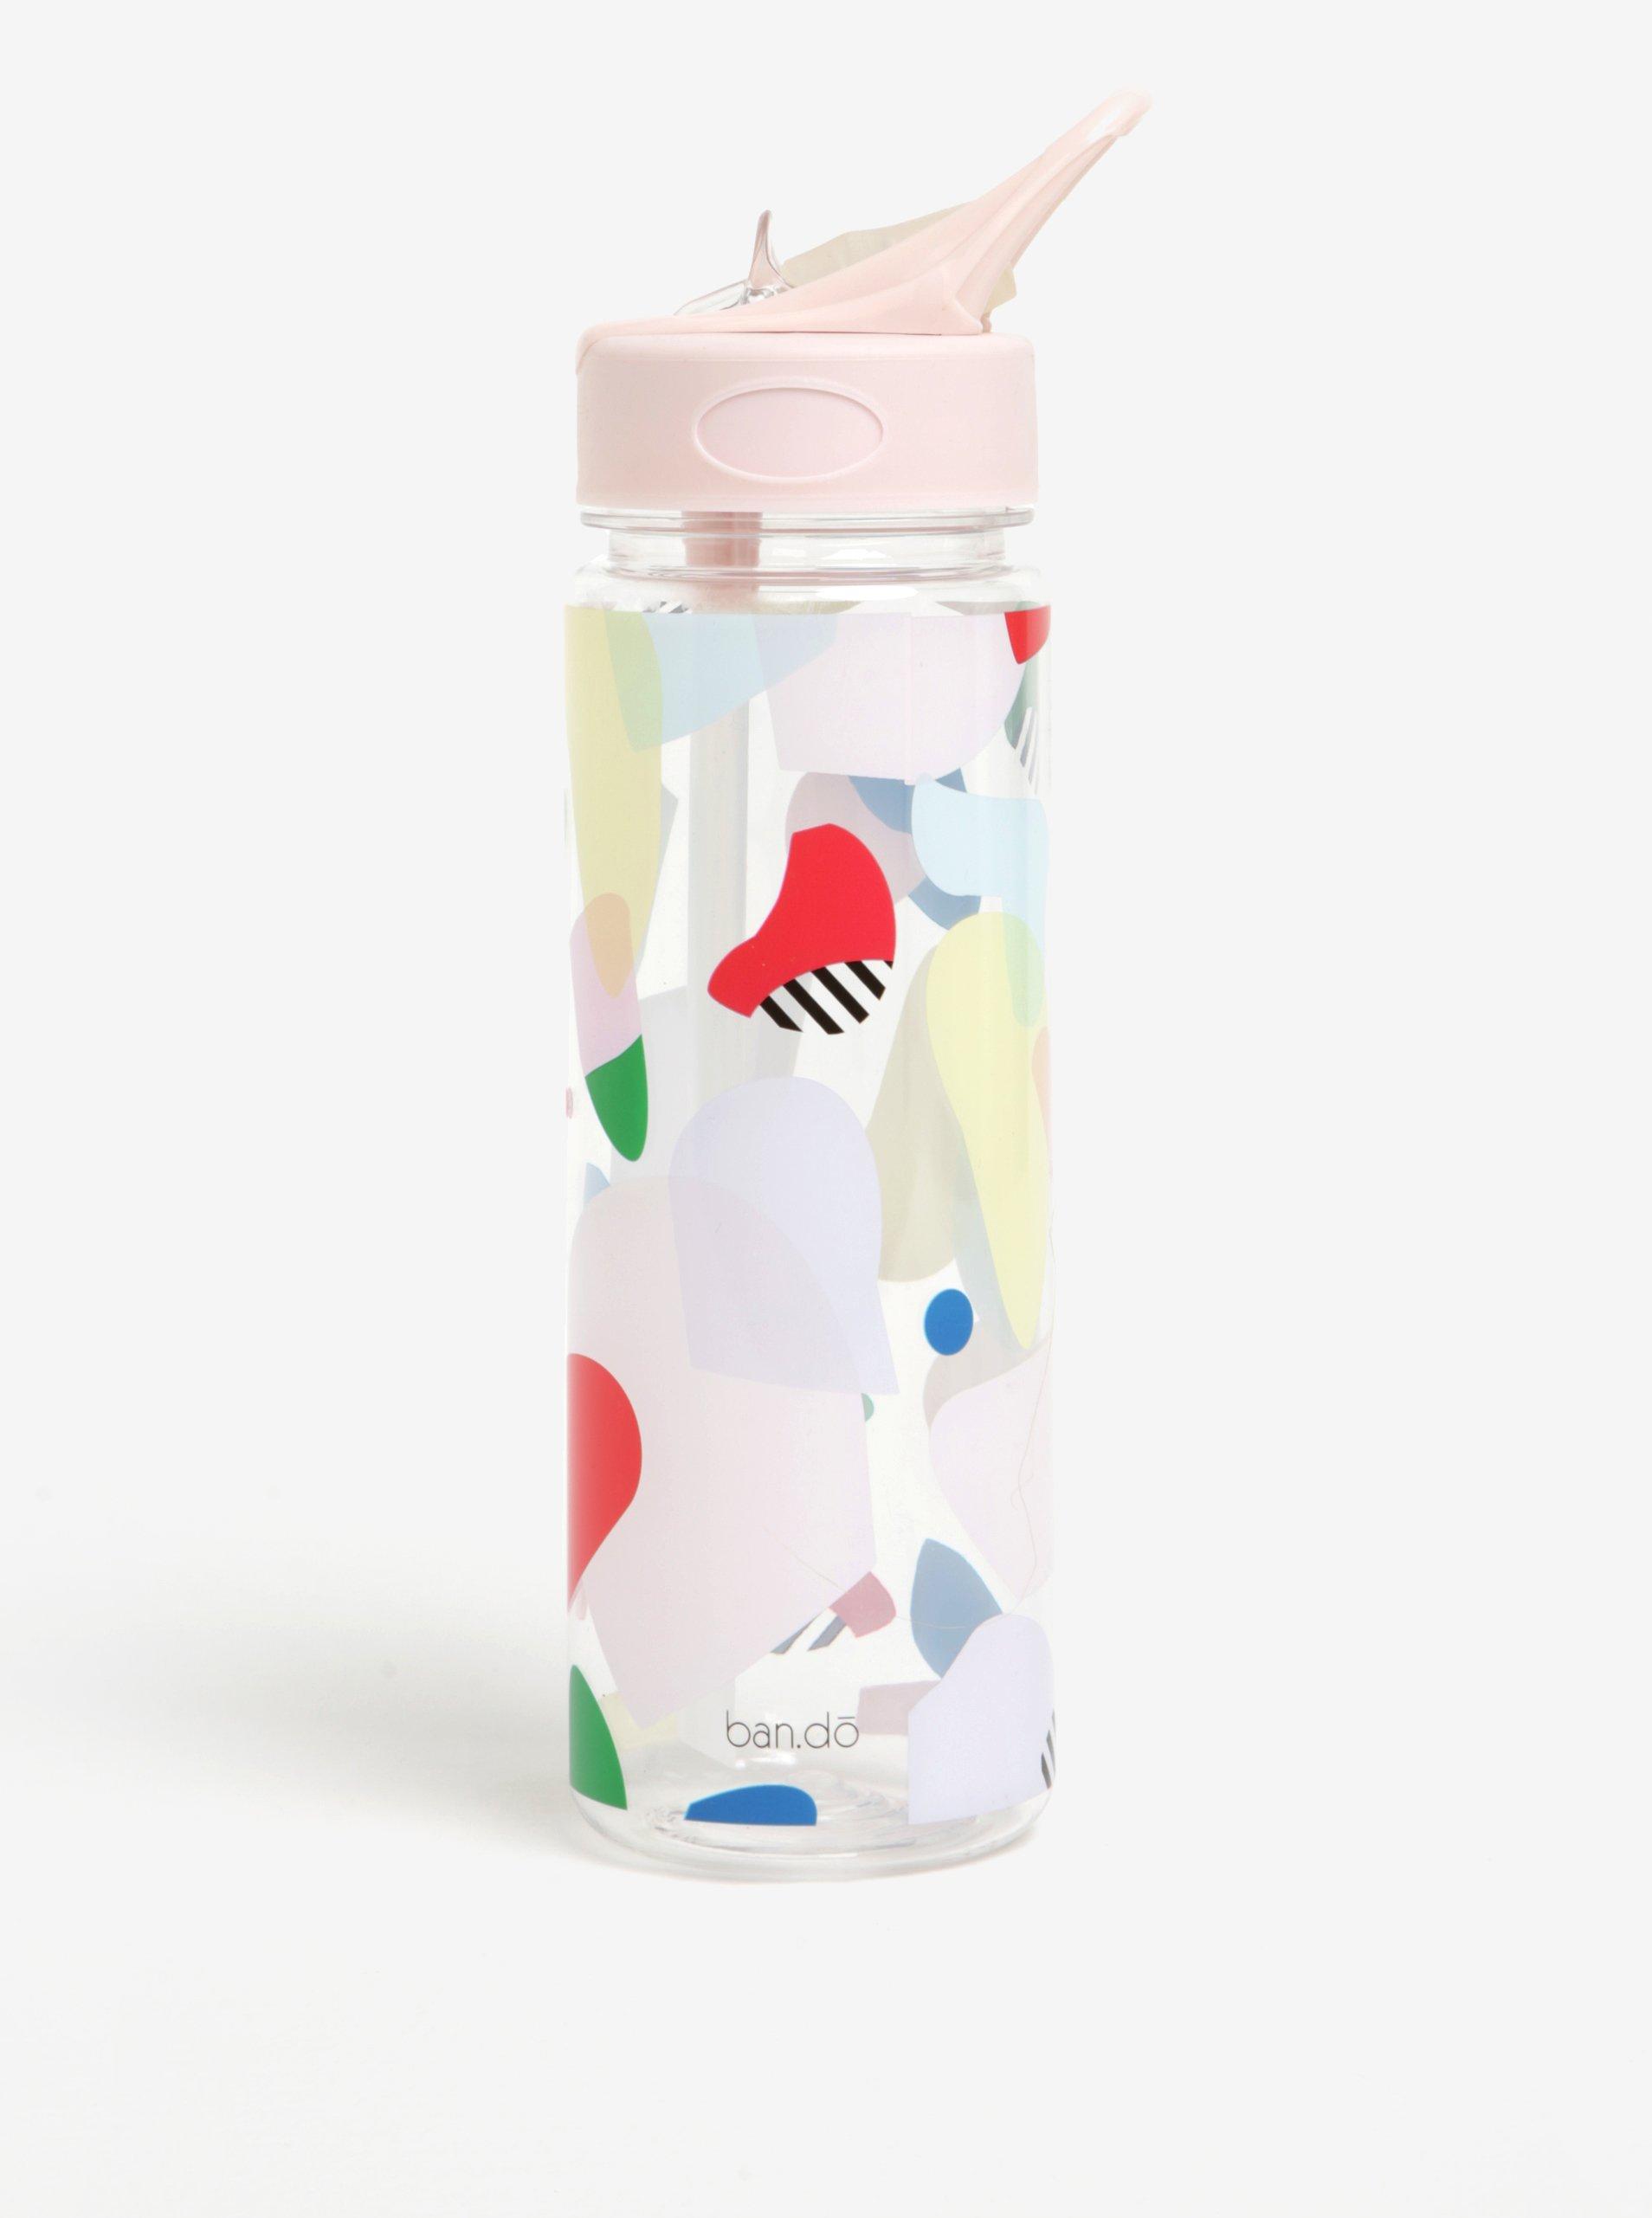 Průhledná láhev na vodu s potiskem ban.dō 700 ml